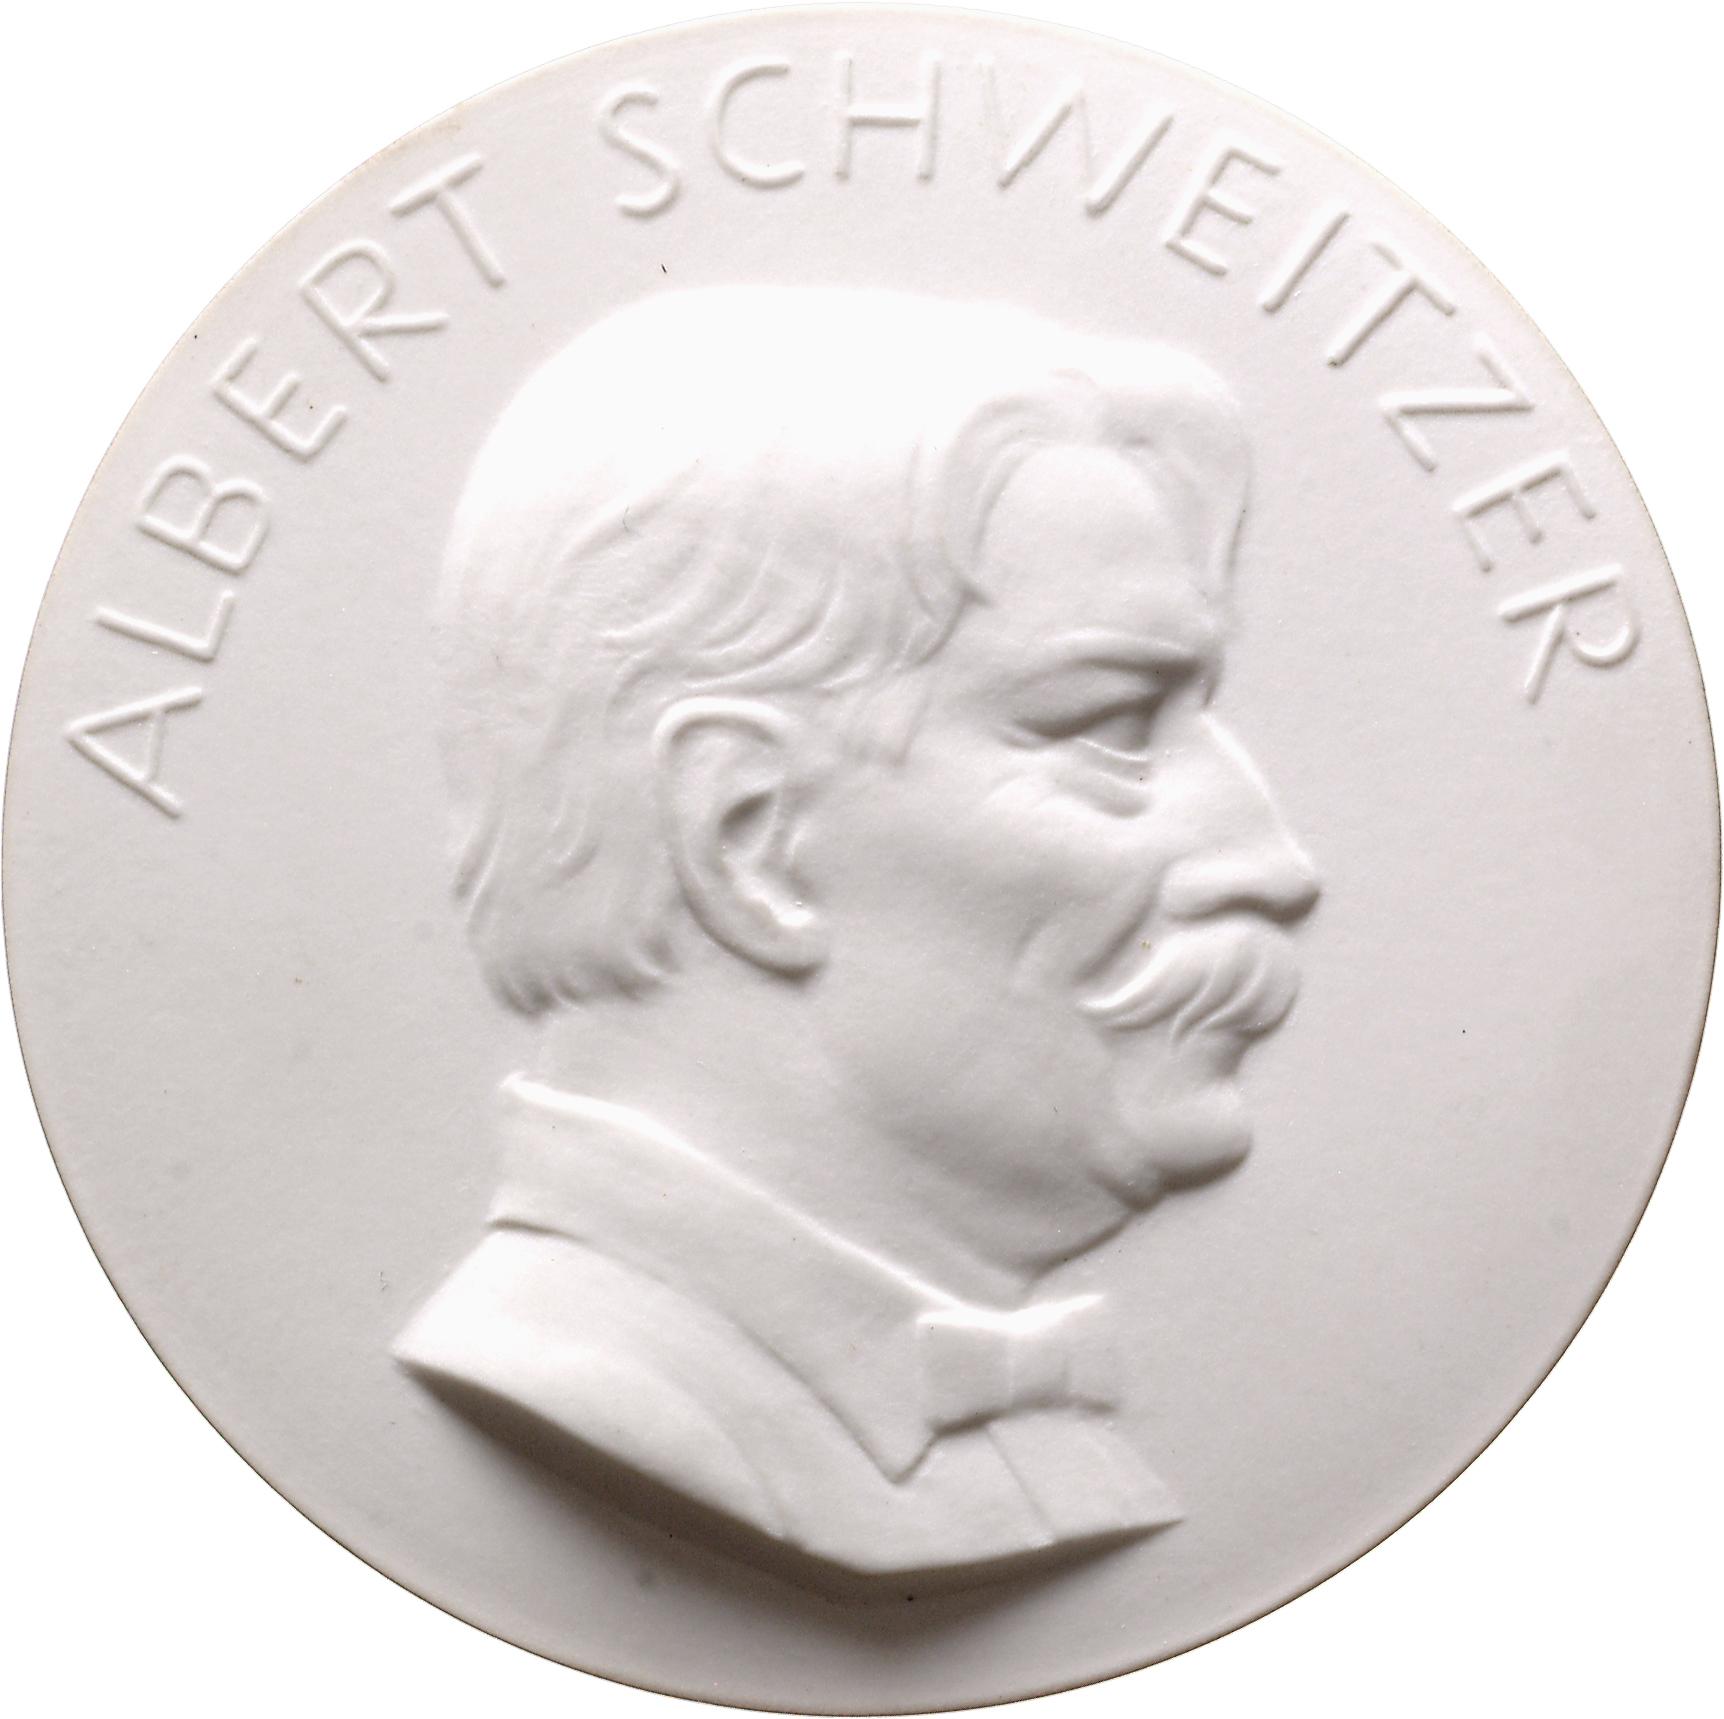 Henke, Johannes: Albert Schweitzer